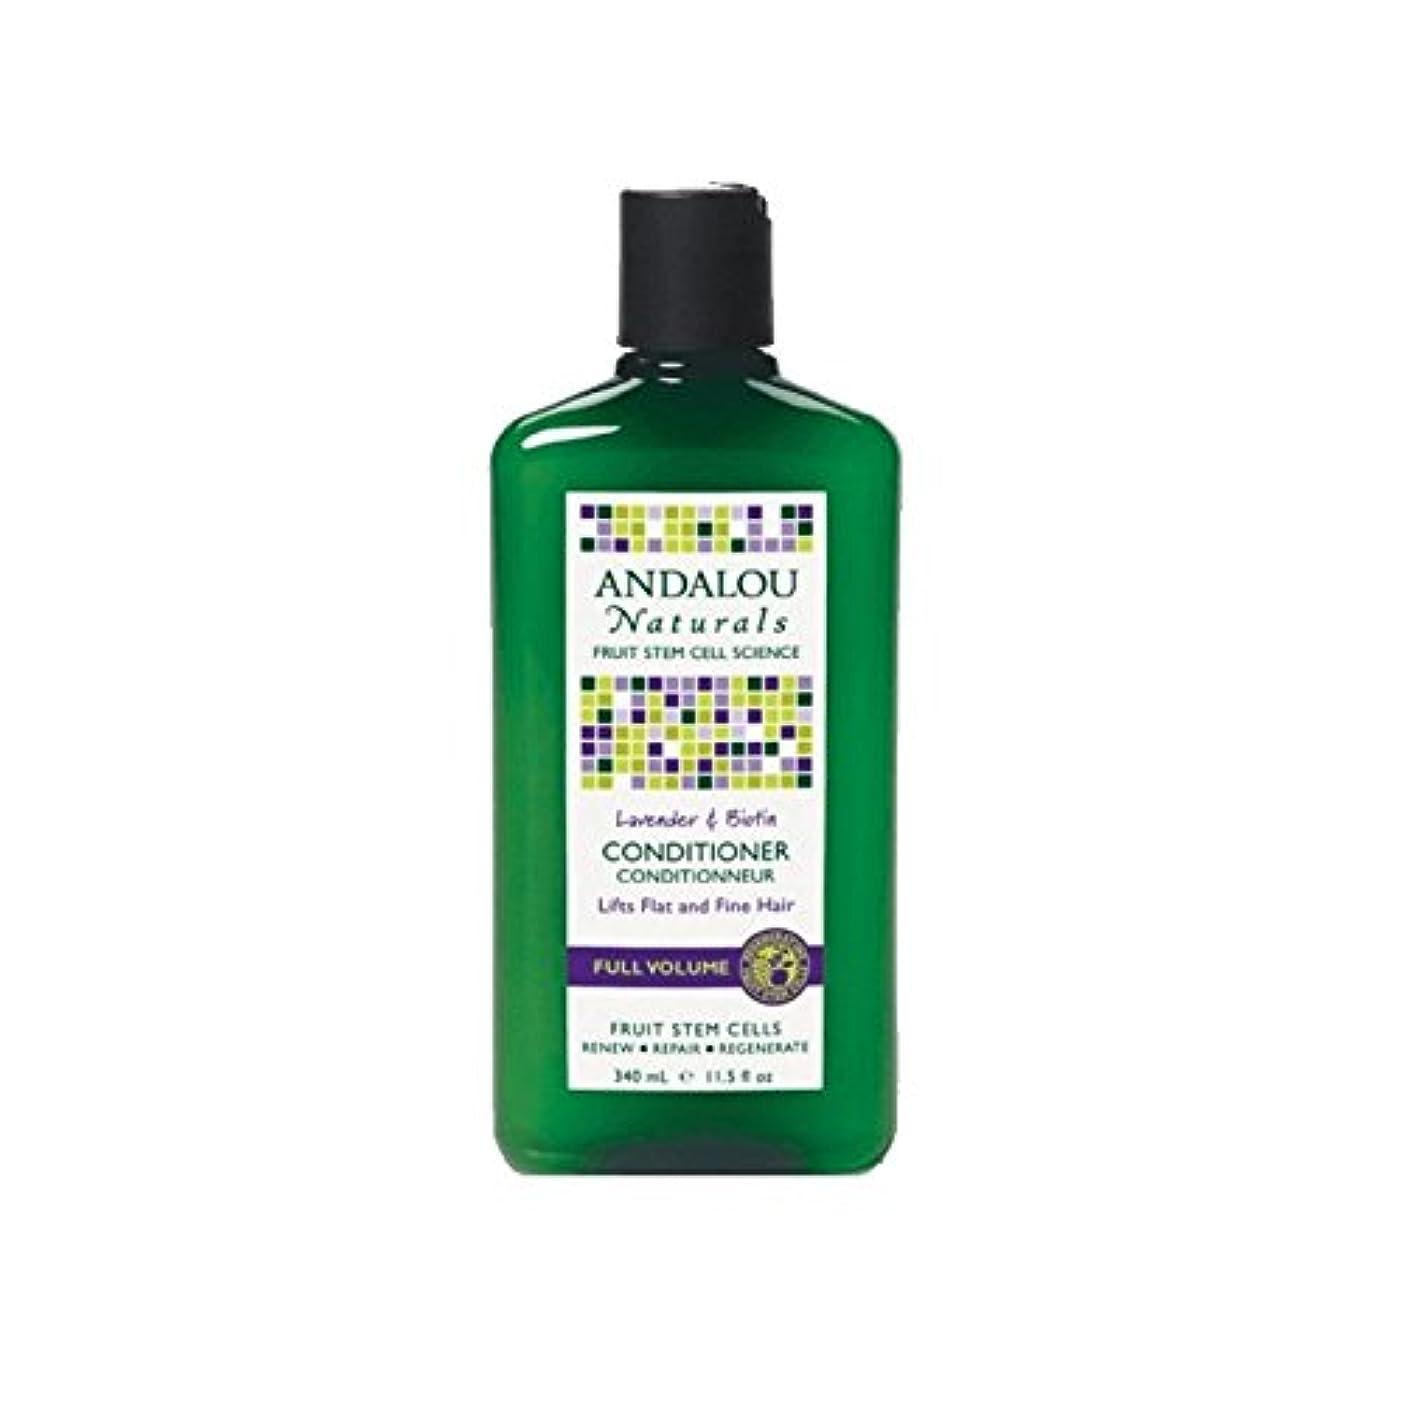 期限切れ集まるスズメバチアンダロウラベンダー&ビオチンフルボリュームコンディショナー340ミリリットル - Andalou Lavender & Biotin Full Volume Conditioner 340ml (Andalou) [並行輸入品]